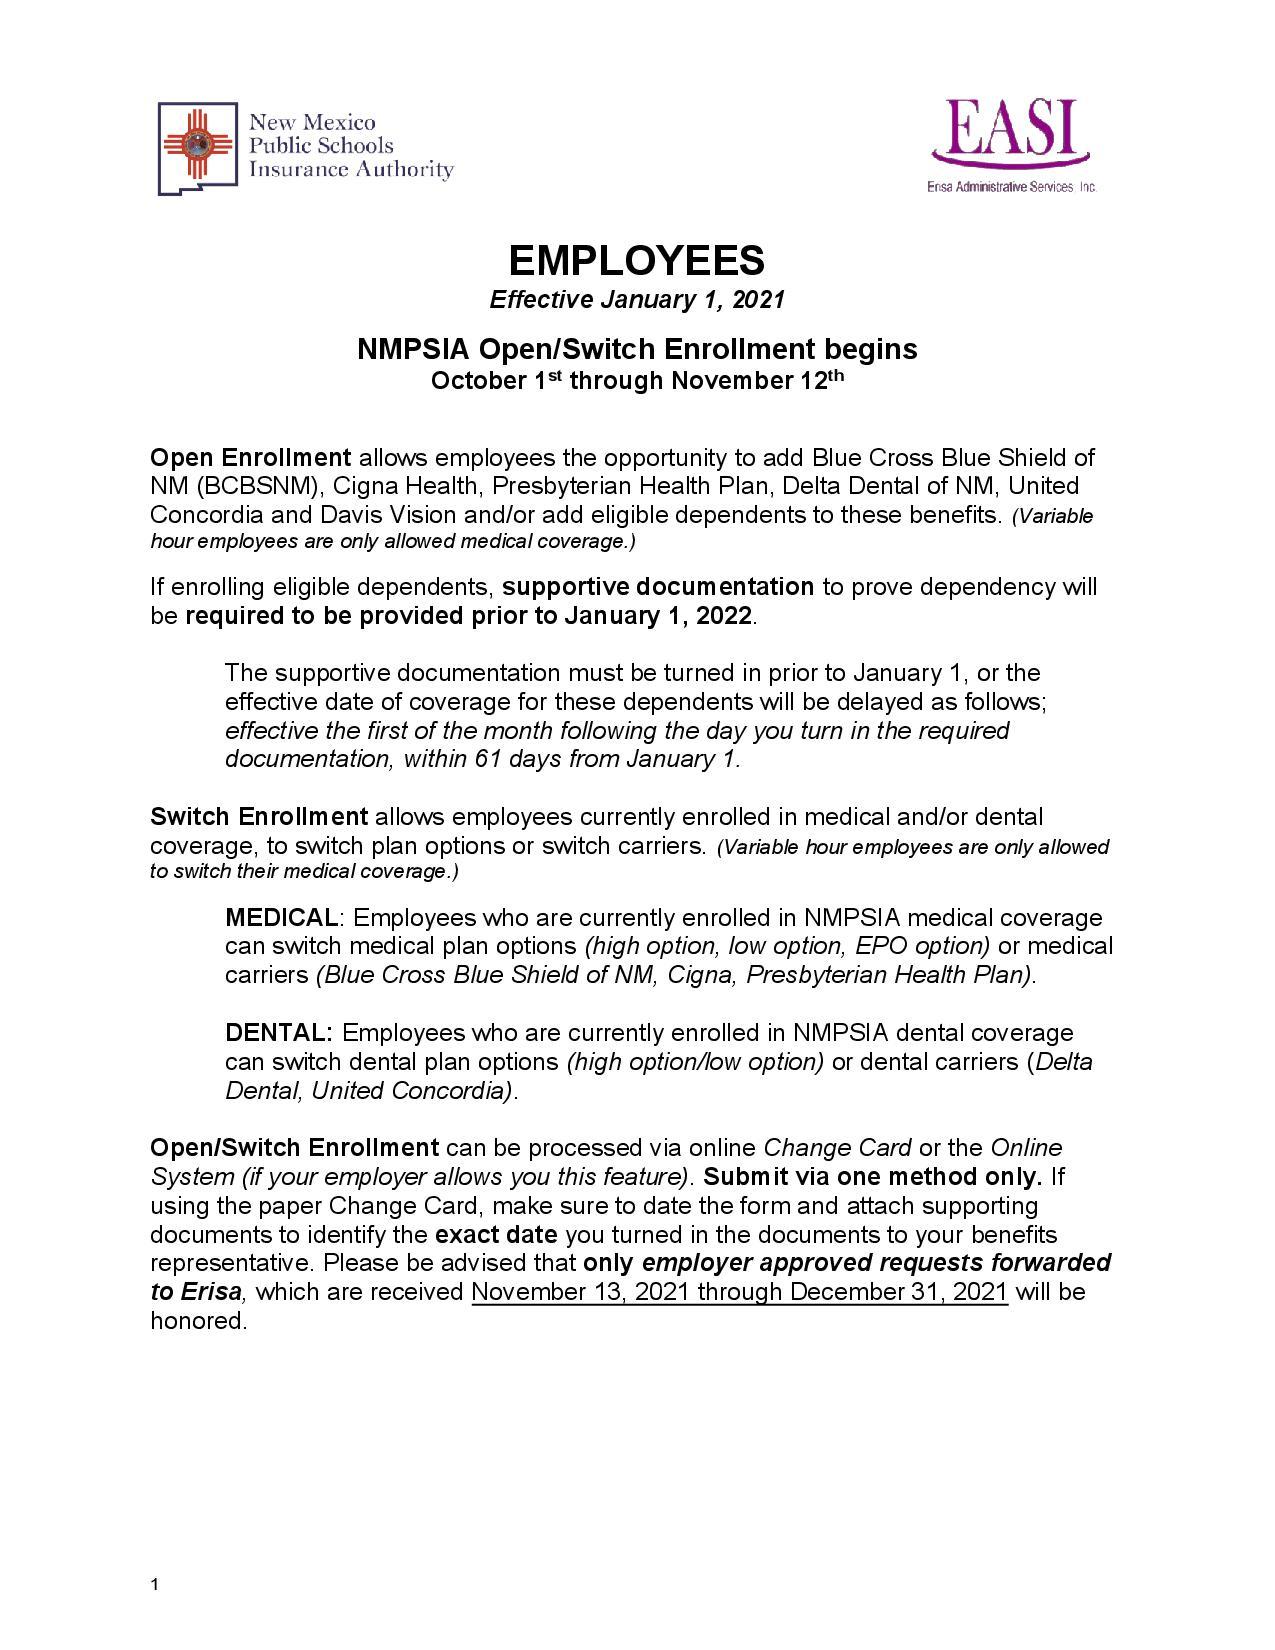 Open enrollment plan